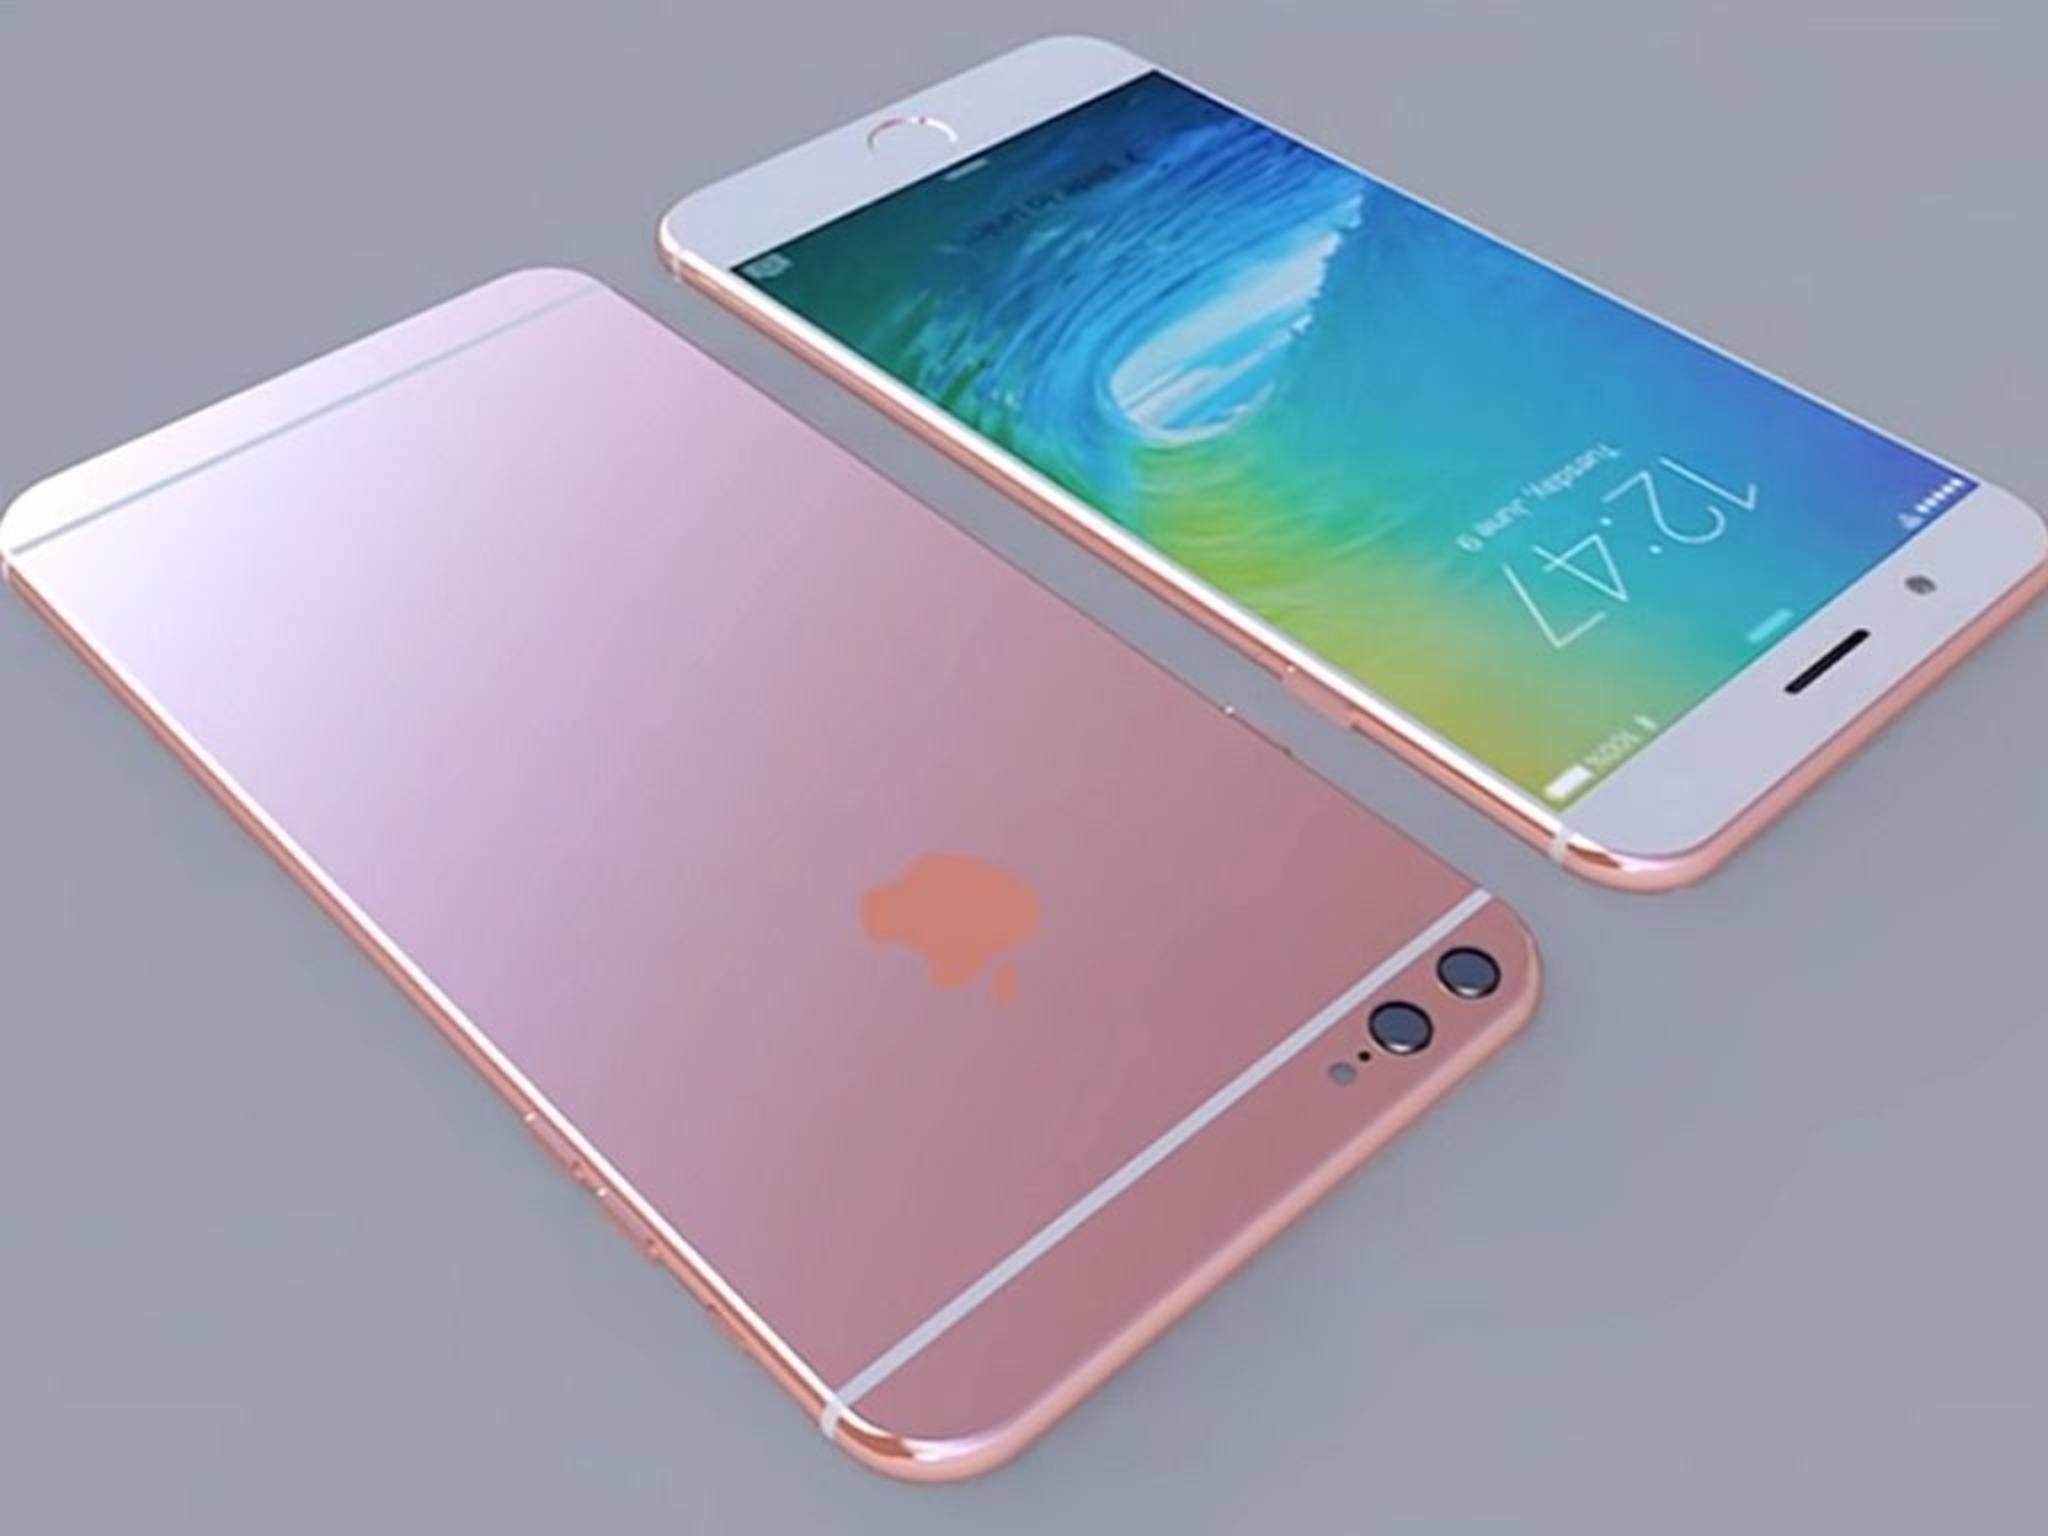 Der Release des iPhone 6s könnte ohne Lieferengpässe erfolgen.